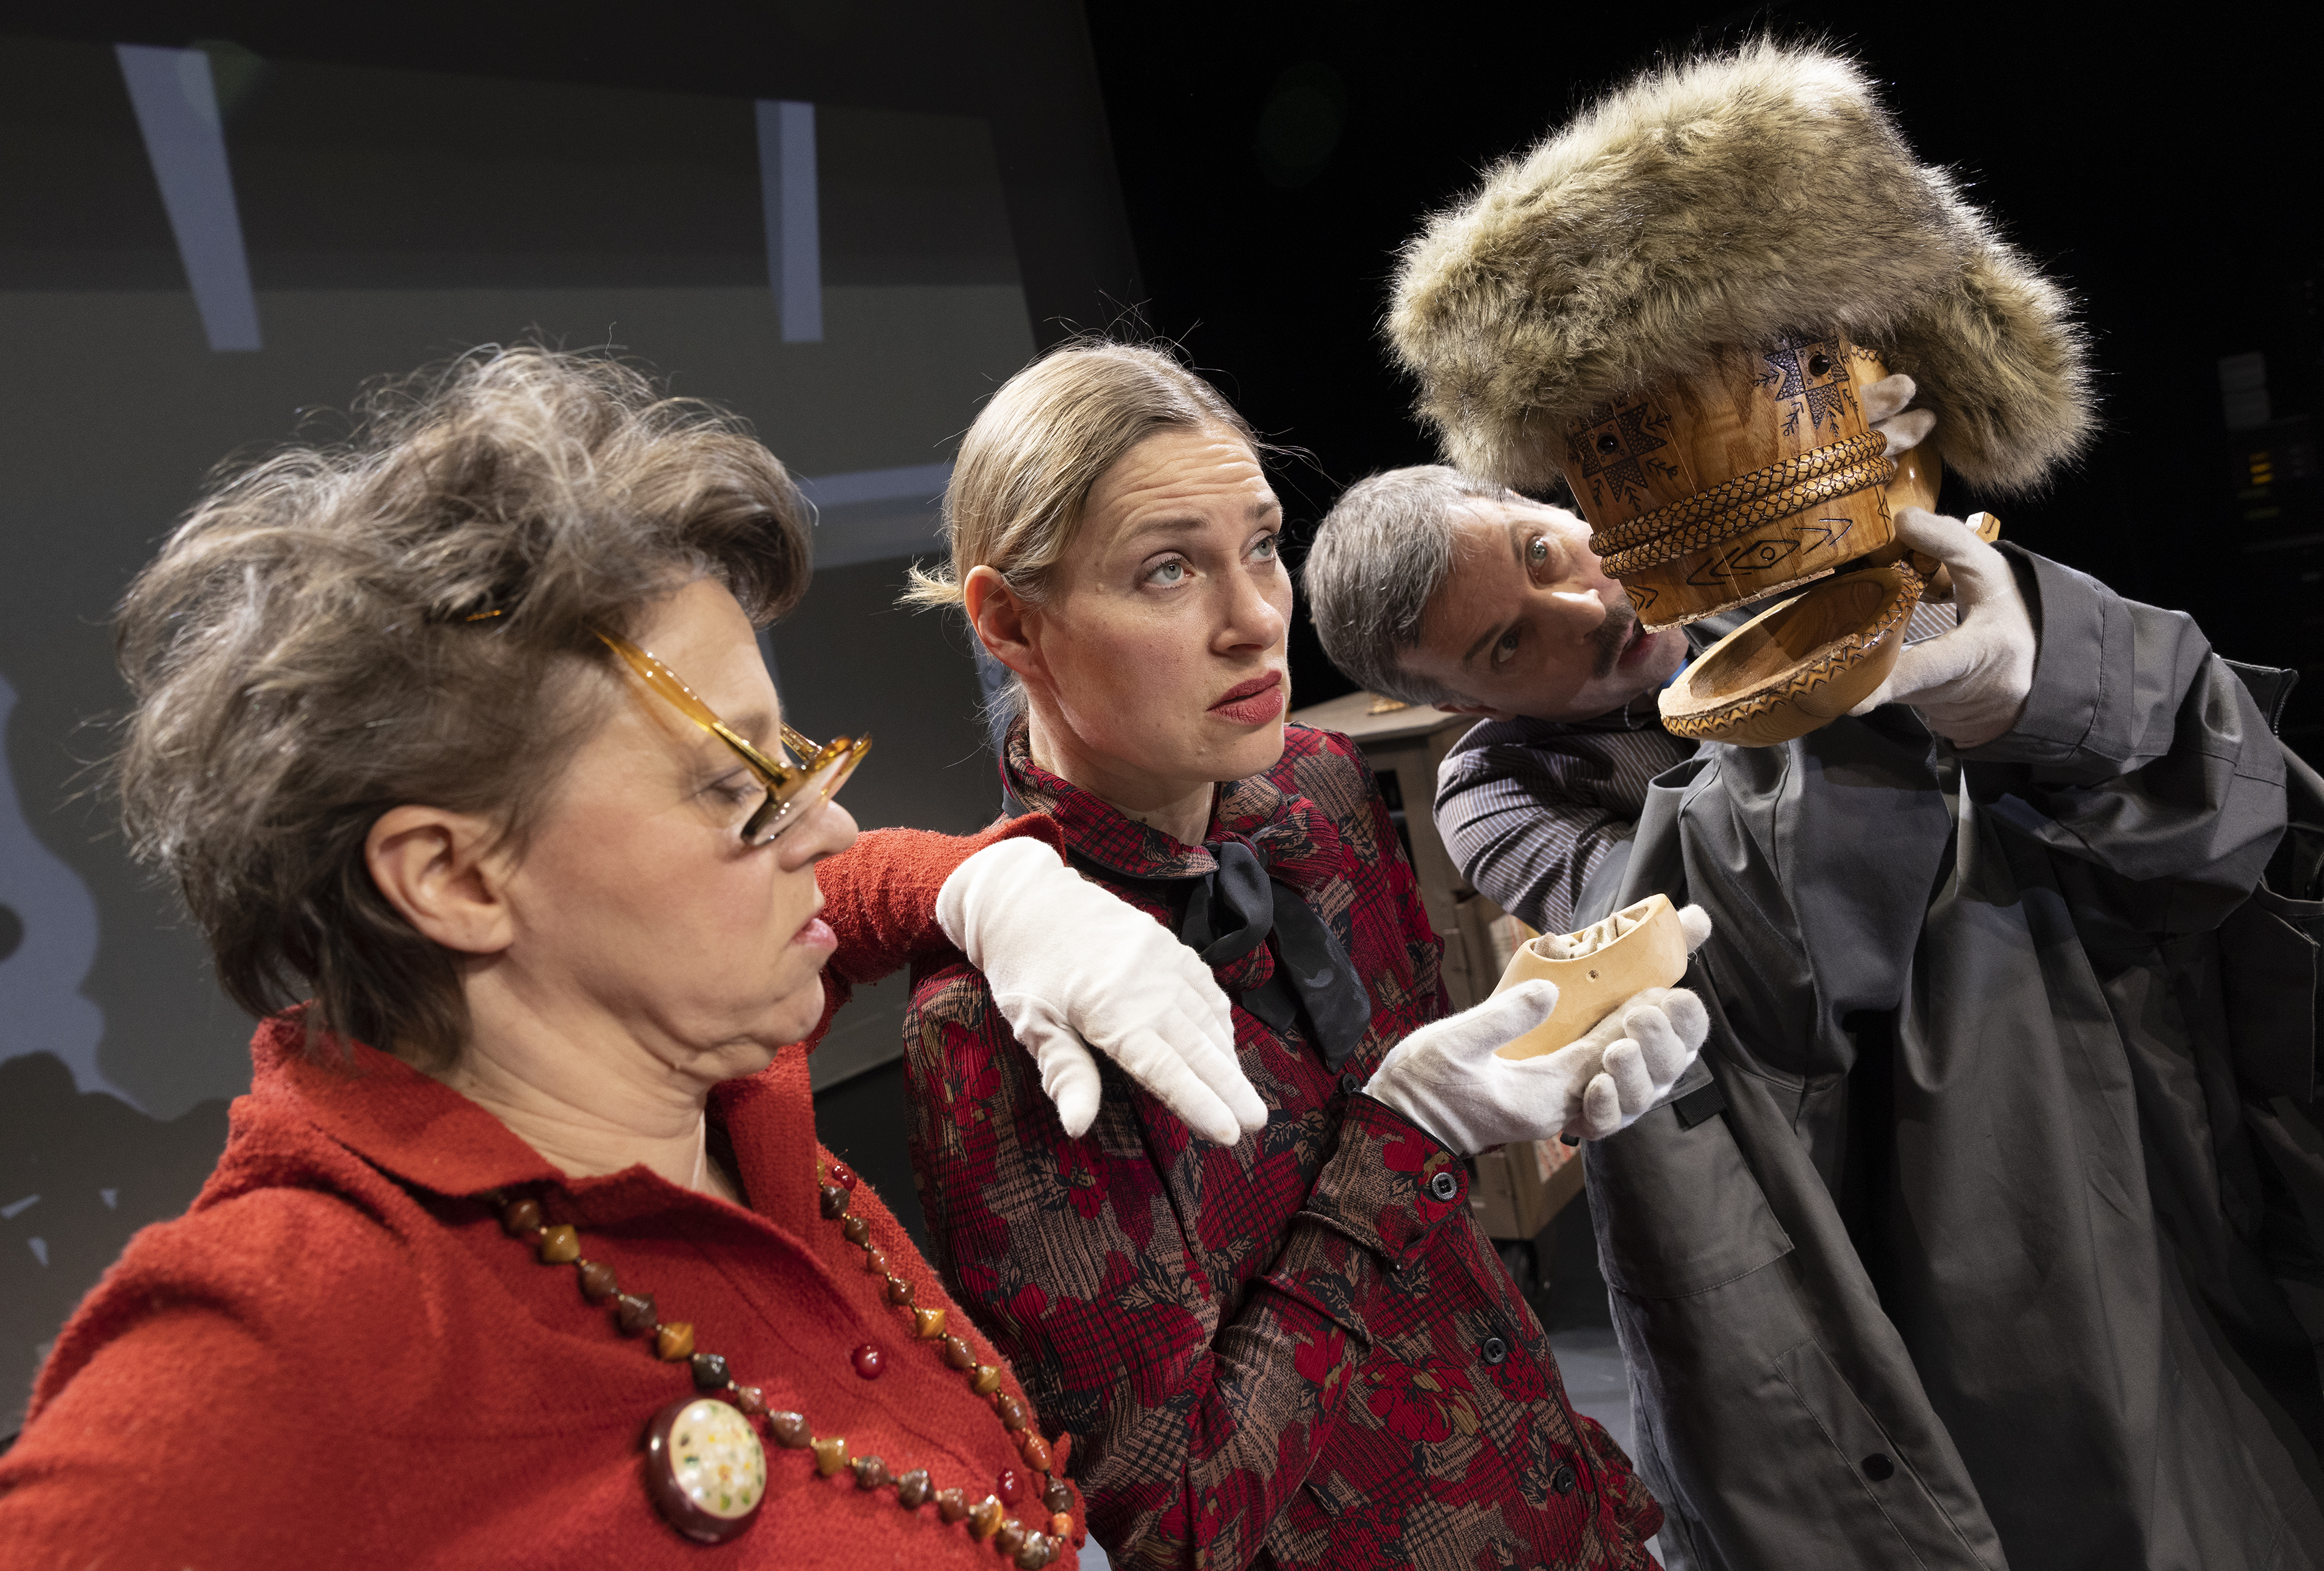 Valokuvassa kaksi näyttelijää esittää Antti Puuhaaran vanhempia. He näyttävät väsyneiltä. Puisen kolpakon ja karvalakin avulla luotu nukke esittää Turkiskauppiasta, joka puhuu Antti Puuhaaran vanhemmille.